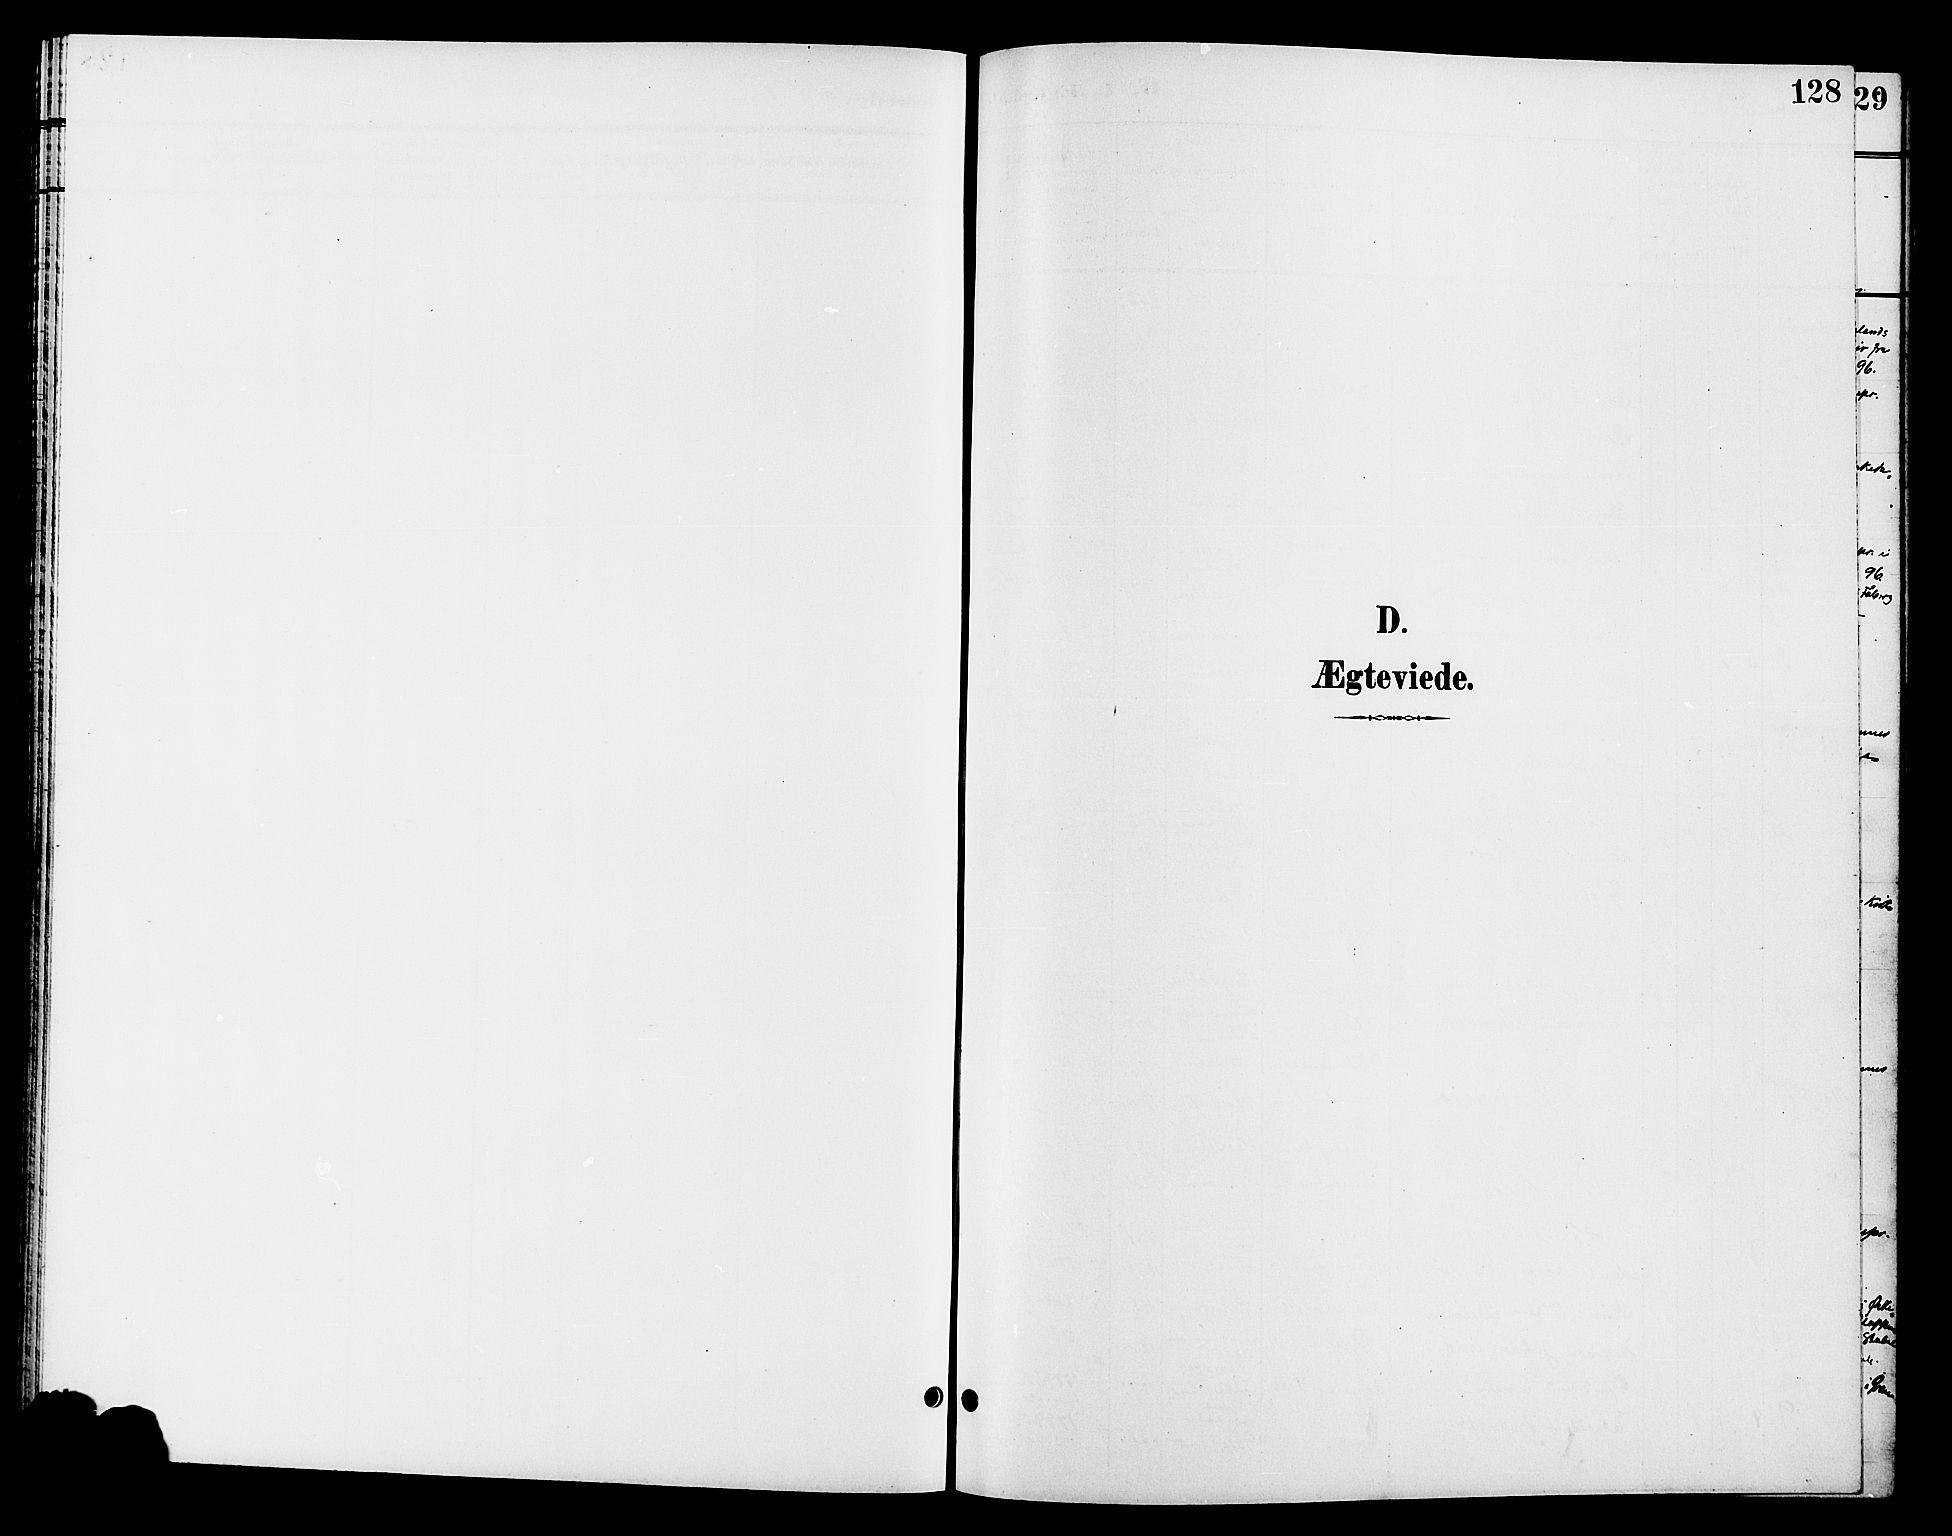 SAH, Jevnaker prestekontor, Klokkerbok nr. 3, 1896-1909, s. 128